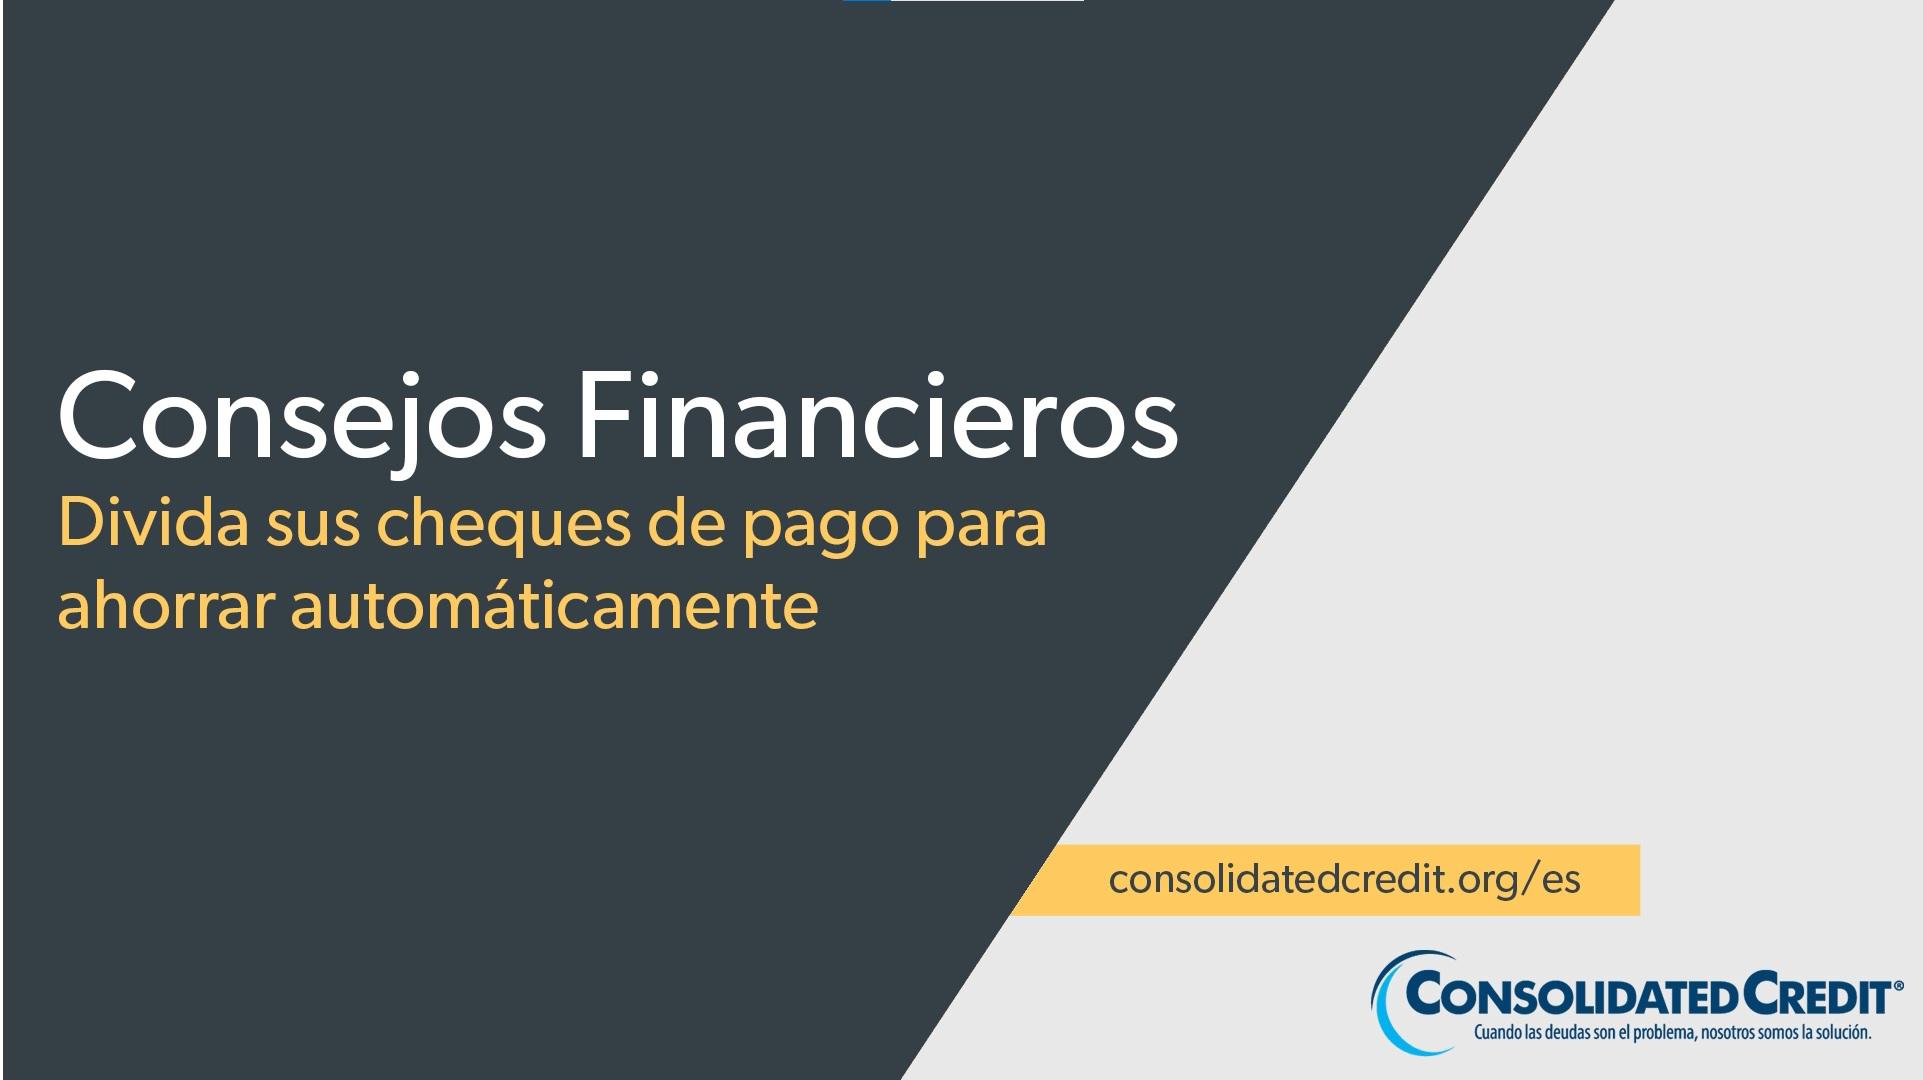 Victoria Orrego nos muestra por qué es una buena idea dividir su cheque de pago en diferentes cuentas para ahorrar automáticamente.